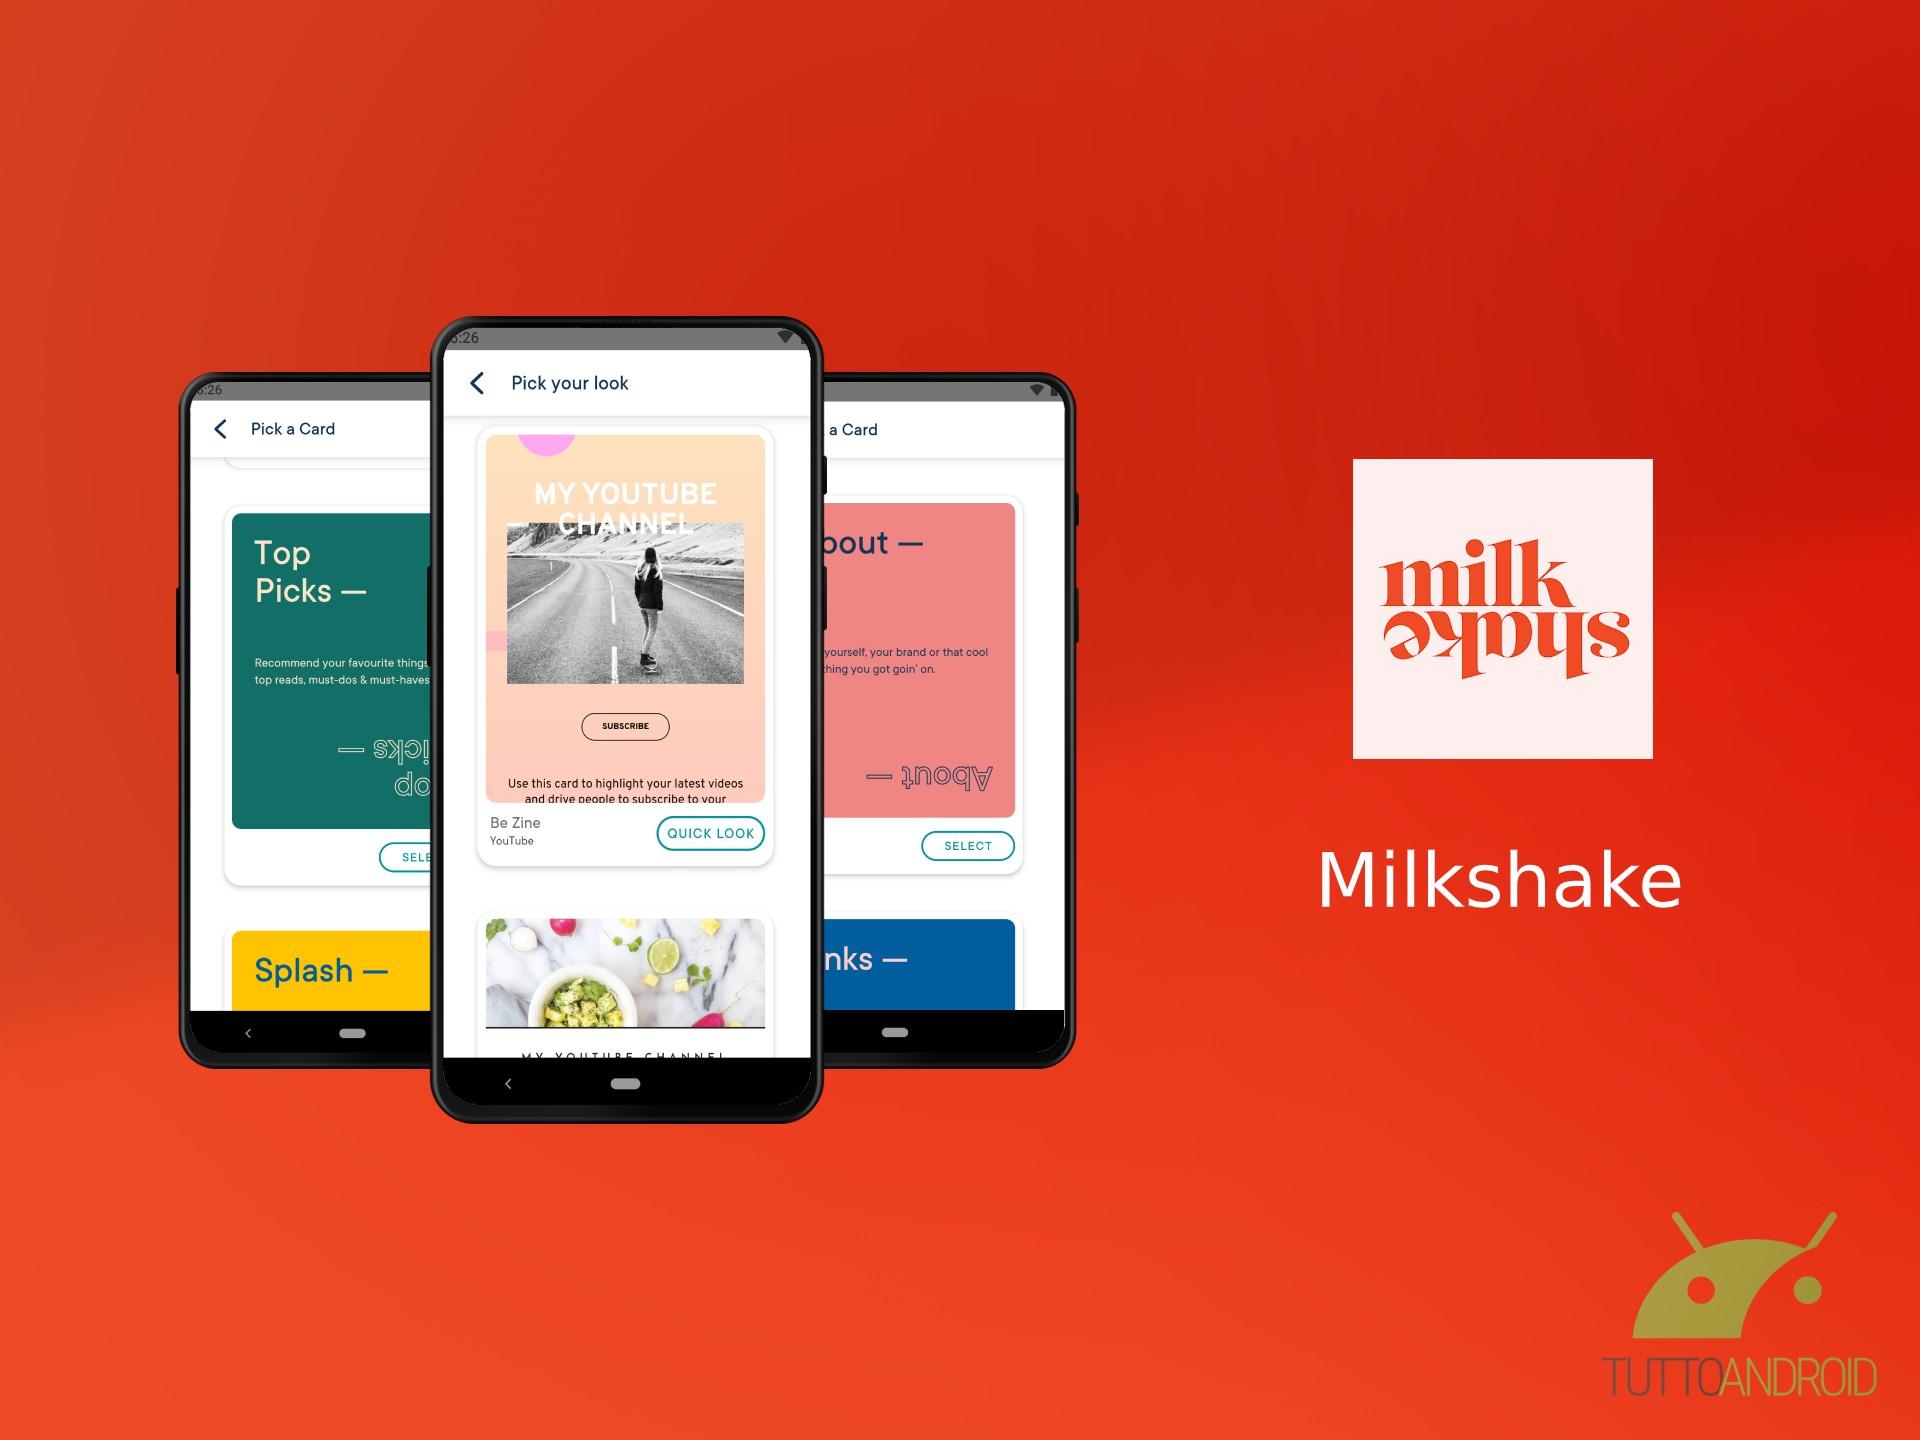 Milkshake permette di creare uno splendido sito web per Inst